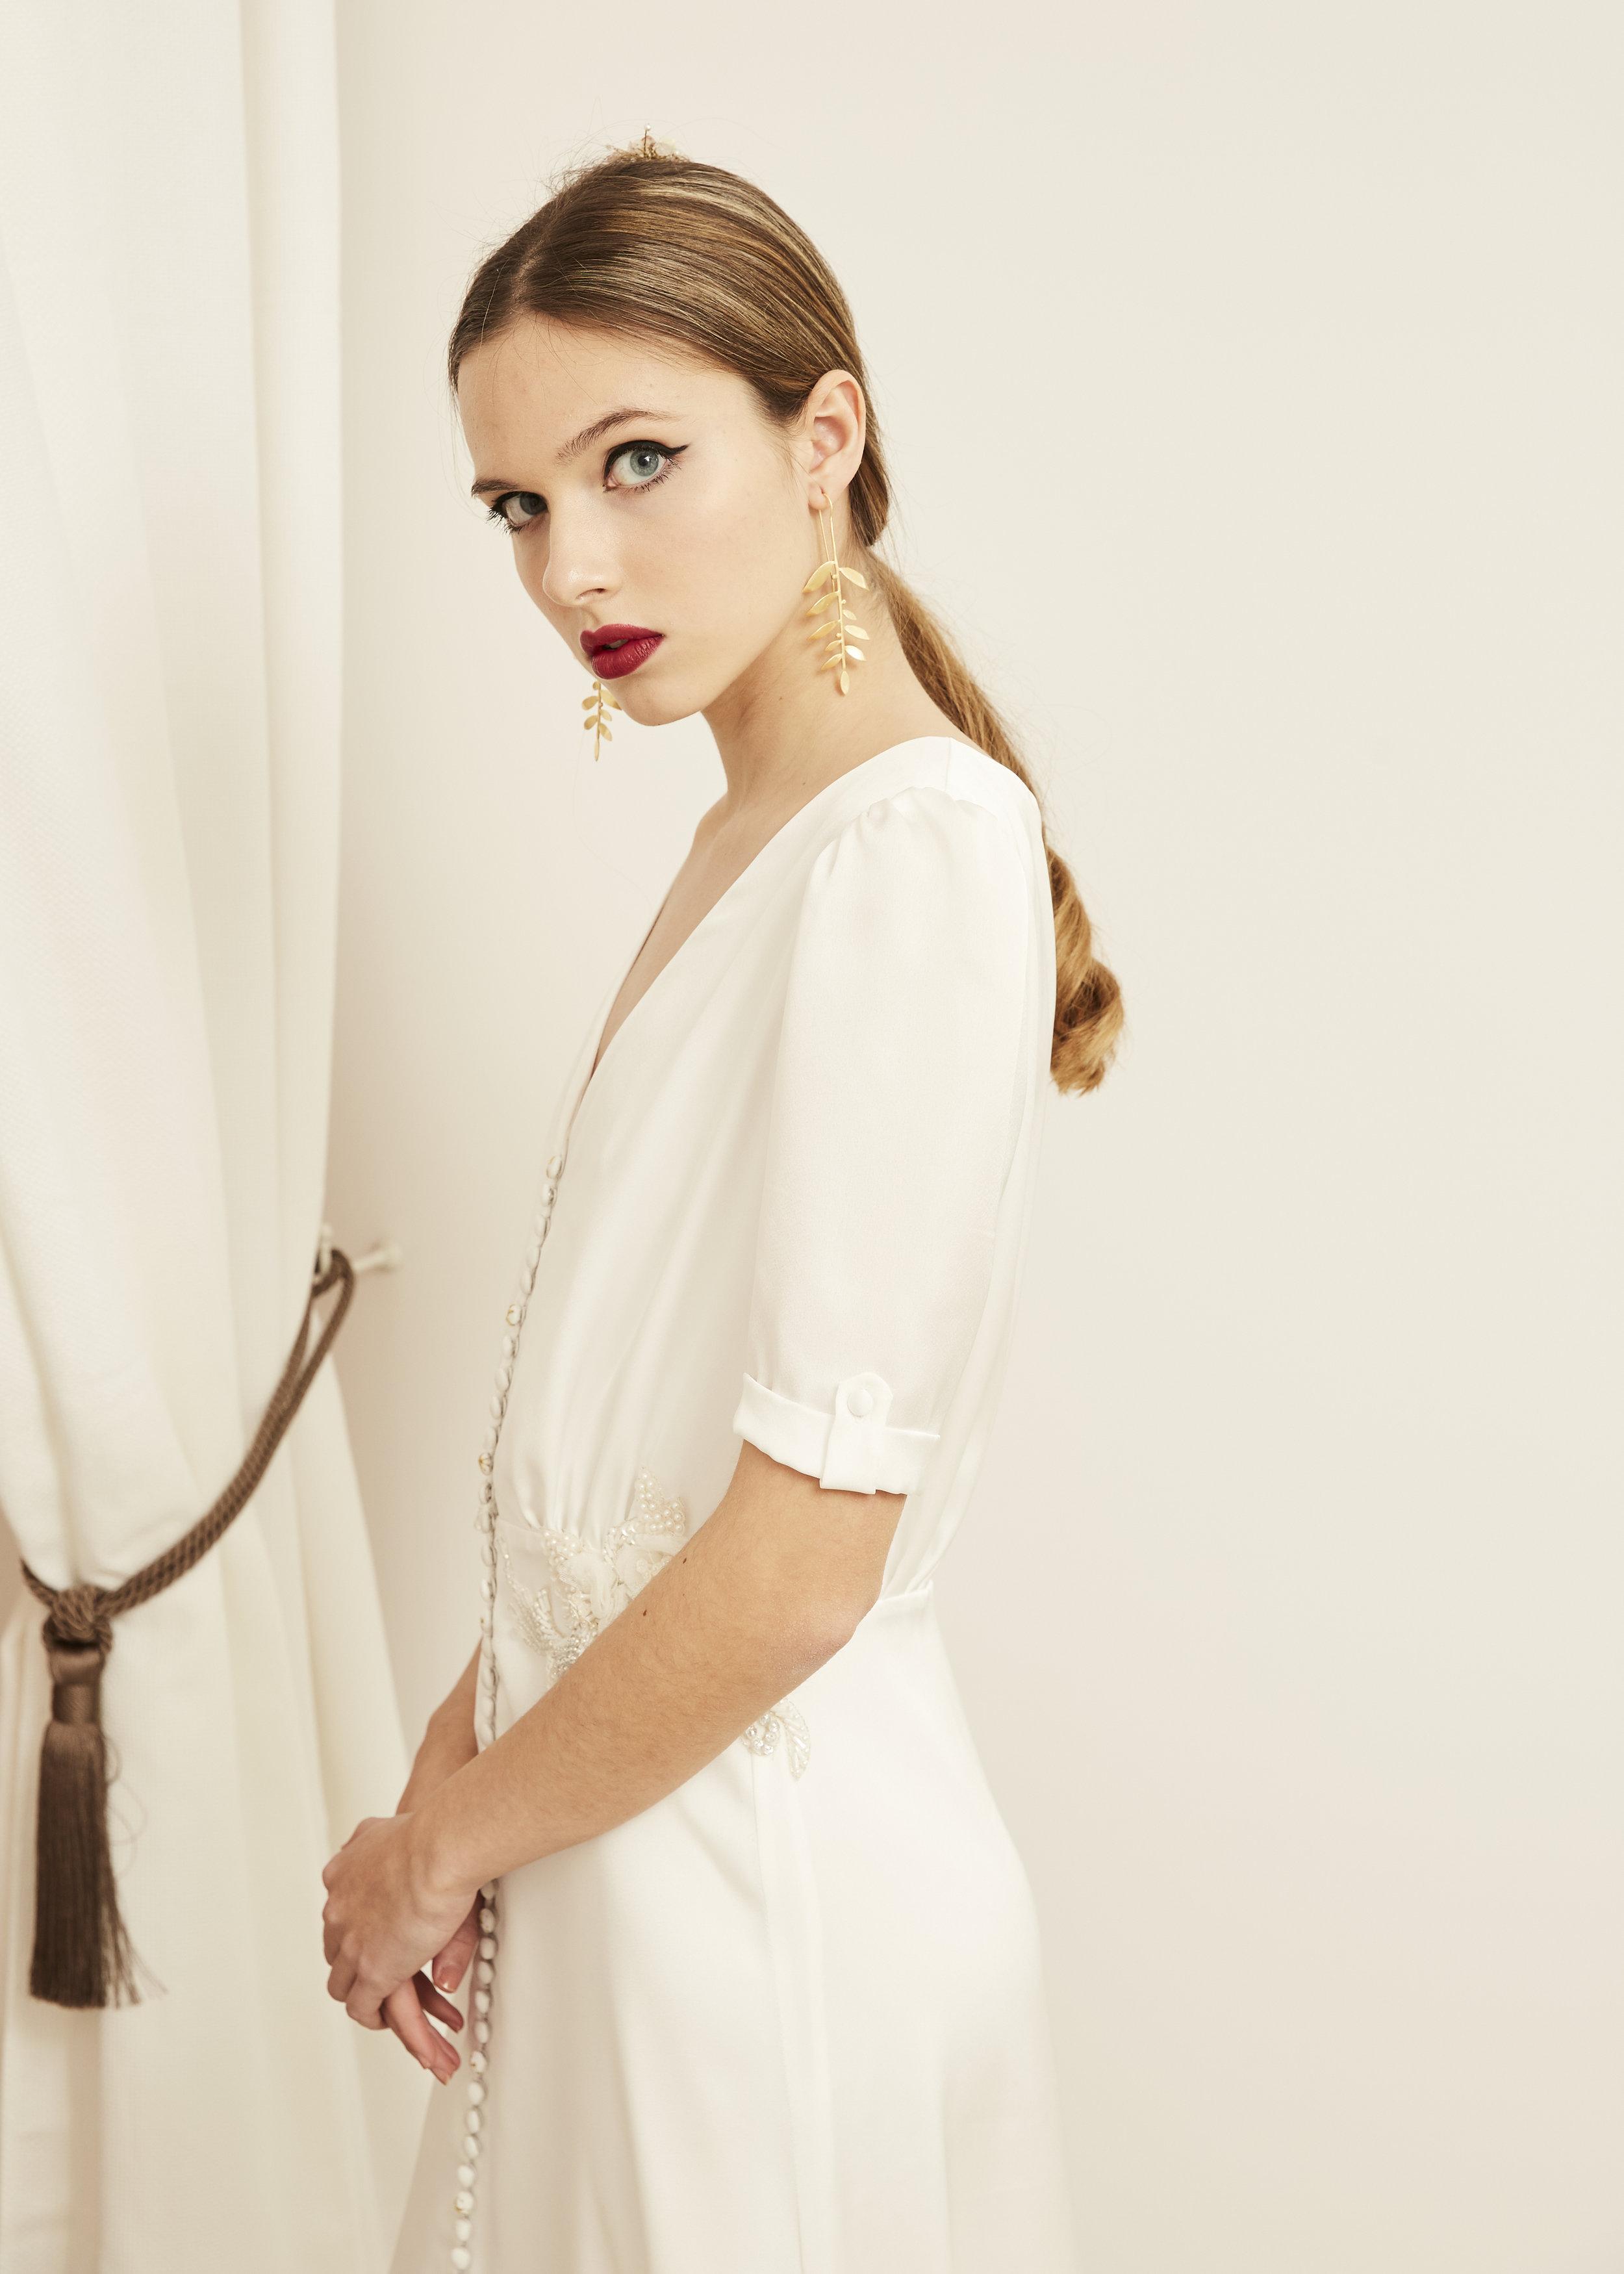 Andrea  con vestido camisero de novia ·H e s p e r i a·  @lauralomasdesign   Pendientes: @acus_complementos  modelo: ✨Baobab✨   ♥️  Foto: @maritutunni  Maquillaje: @tespin.makeup